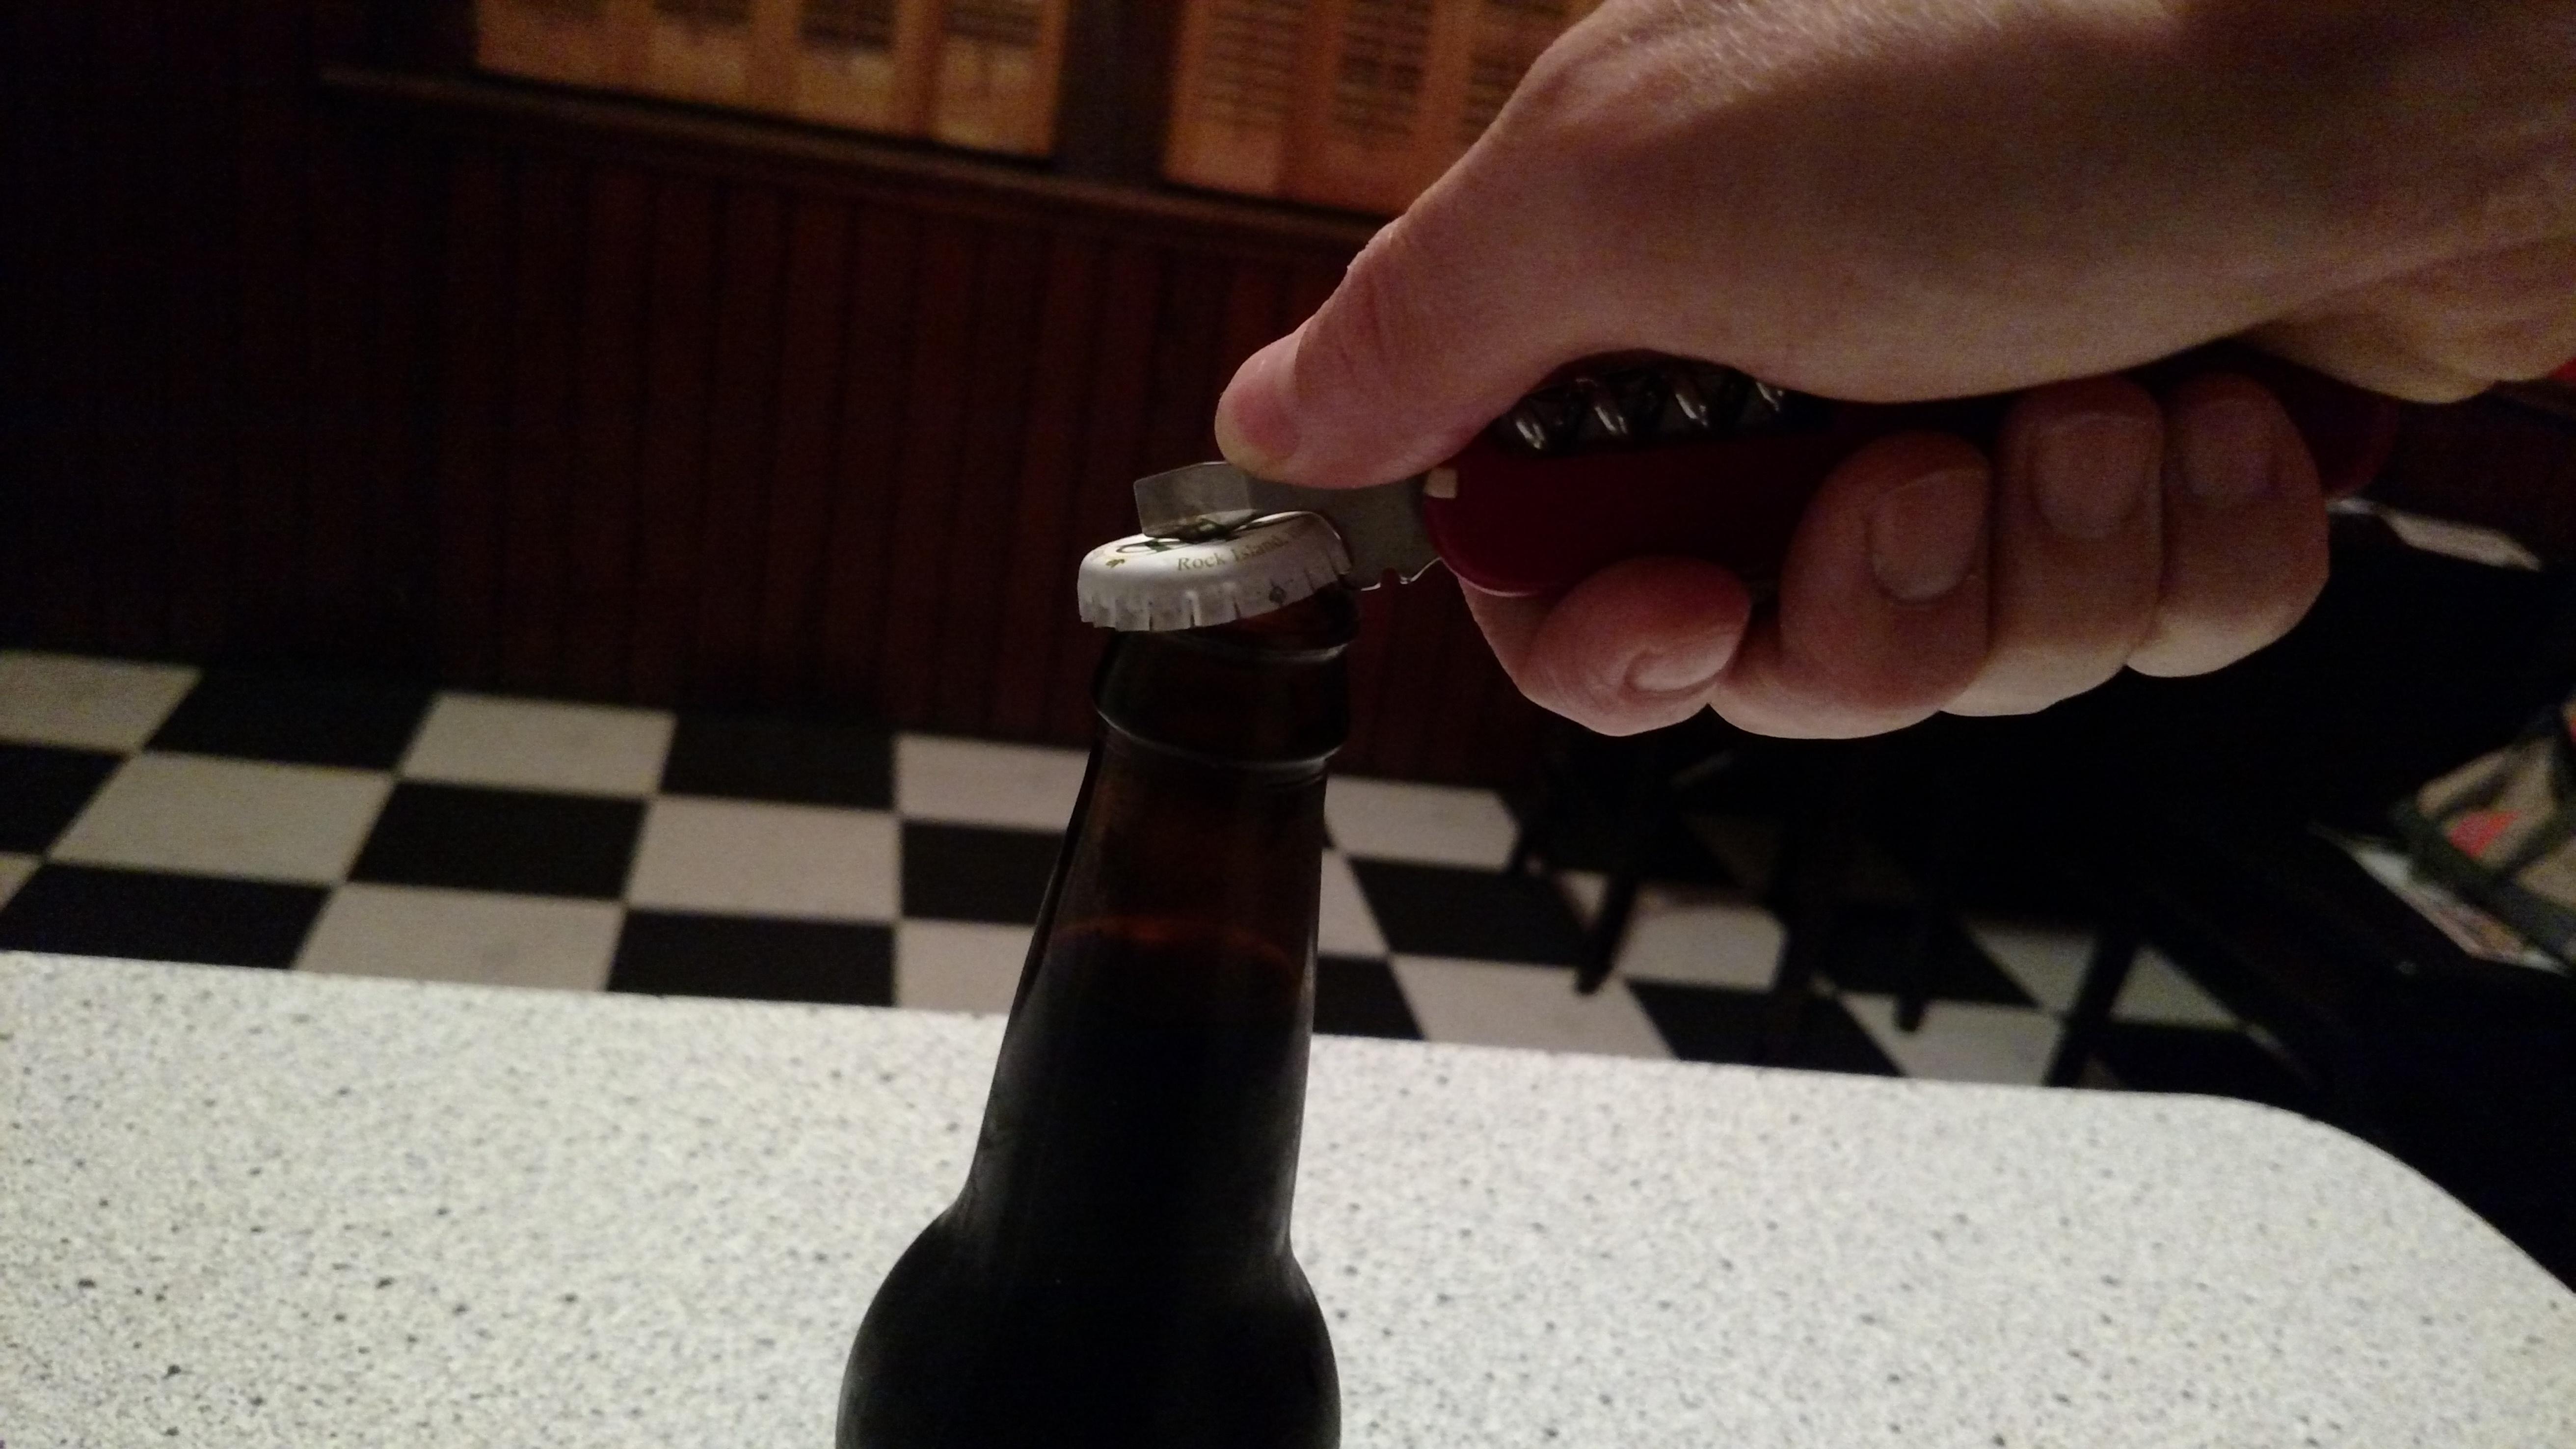 It will open bottles...